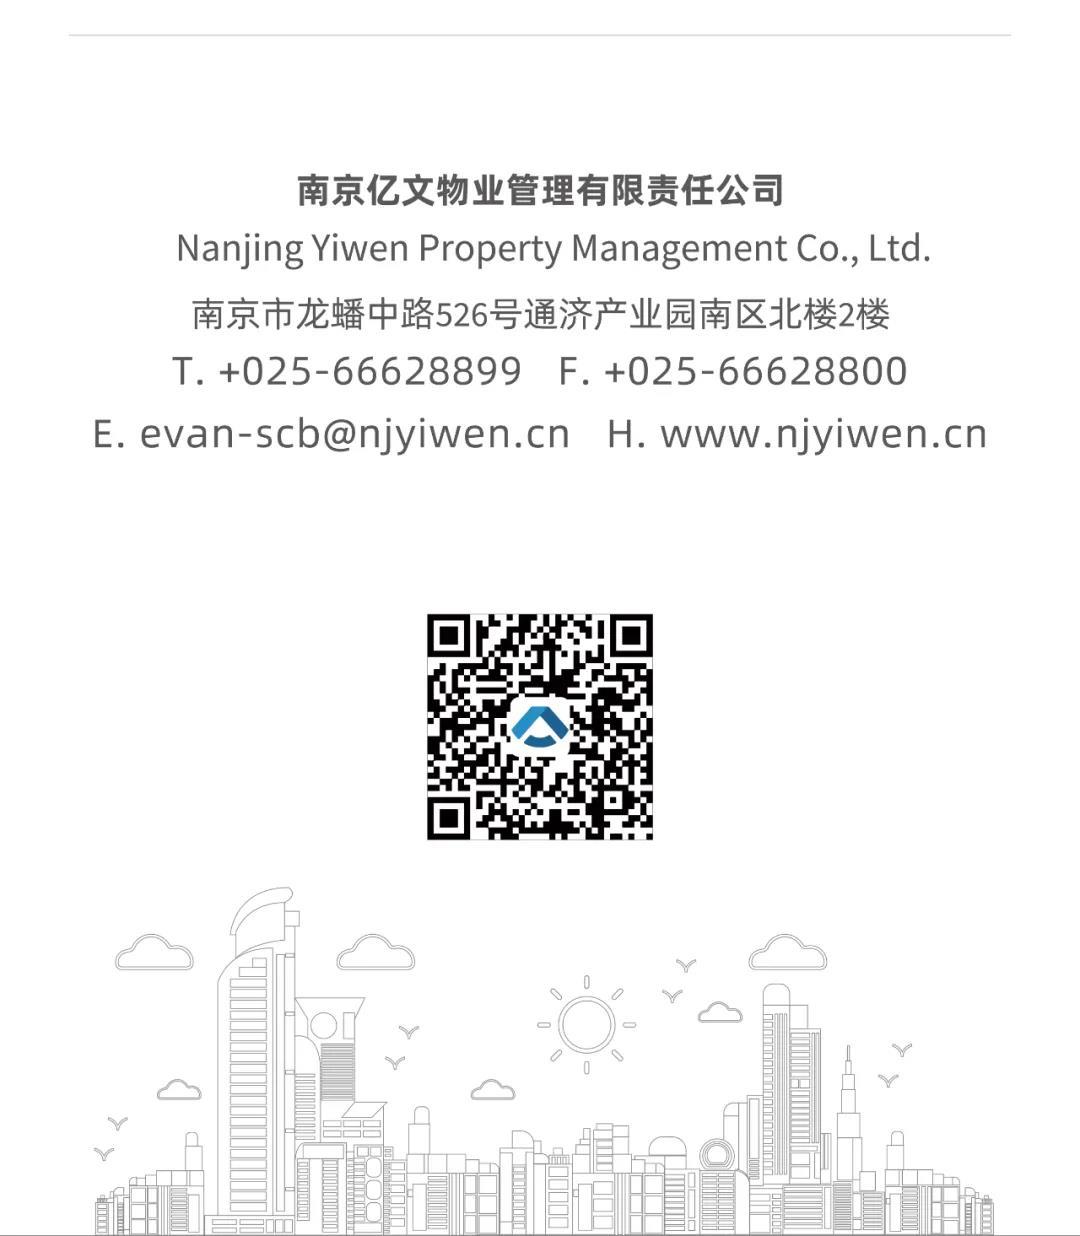 微信图片_20210914134738.jpg